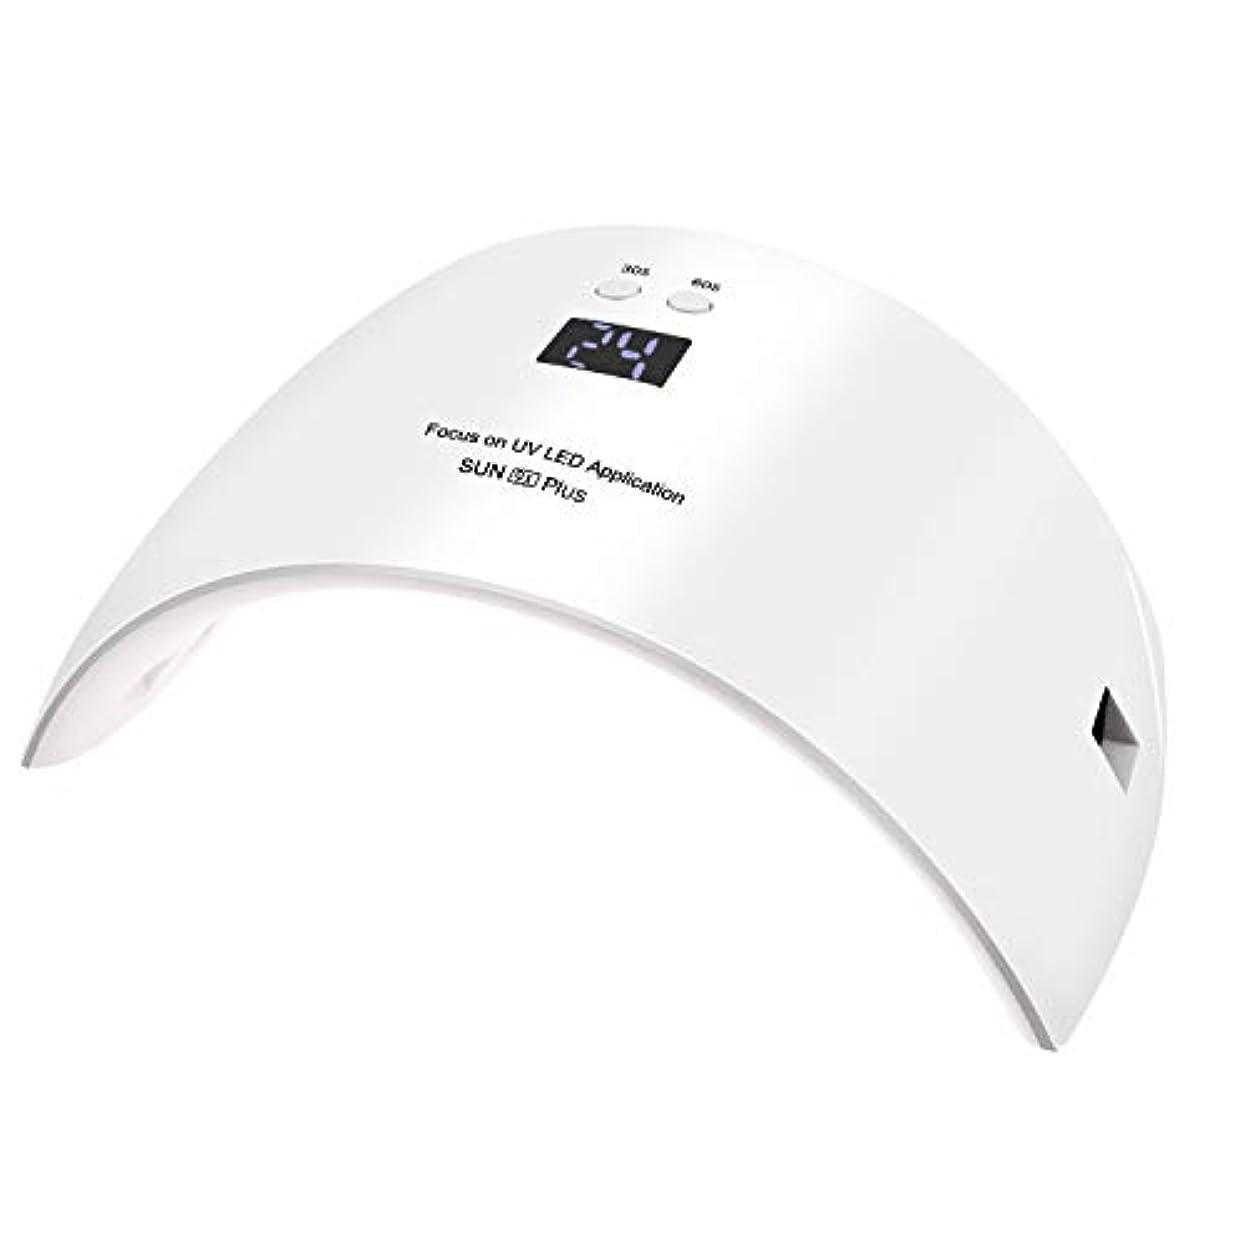 従事した大騒ぎ現実的Heshare LED ネイルドライヤー 36W uvライト レジン用 UV ネイルライト 硬化用 セルフネイル タイマー機能 自動センサー機能 USB式 日本語説明書付き (36w)